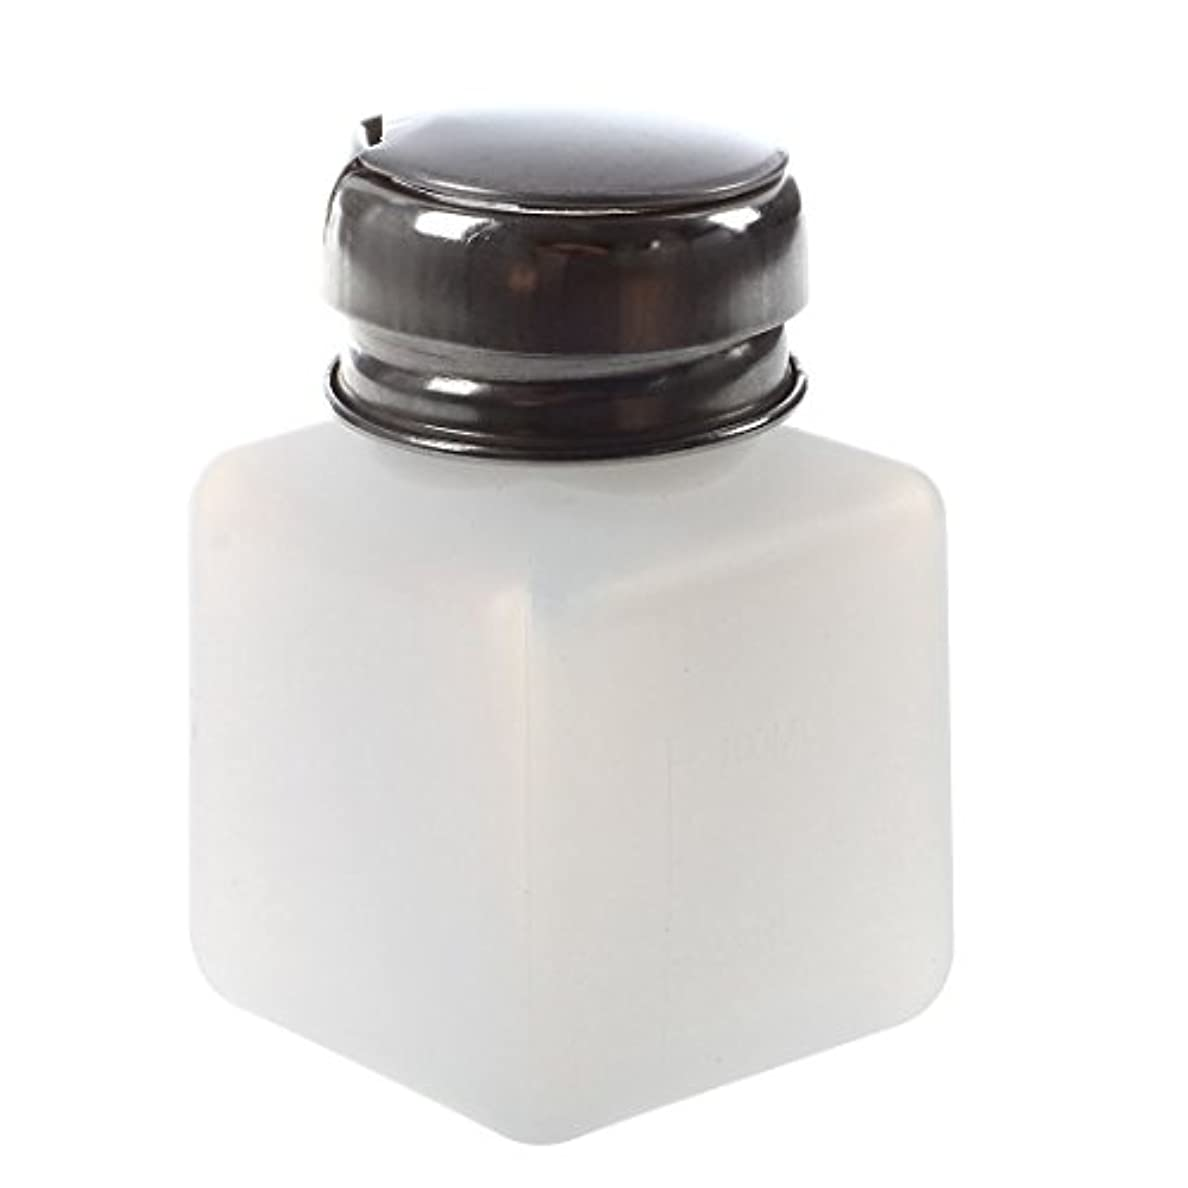 軽減宇宙船よろめくGaoominy エンプティーポンプディスペンサー ネイルアート研磨リムーバー 100MLボトル用 (ホワイト)